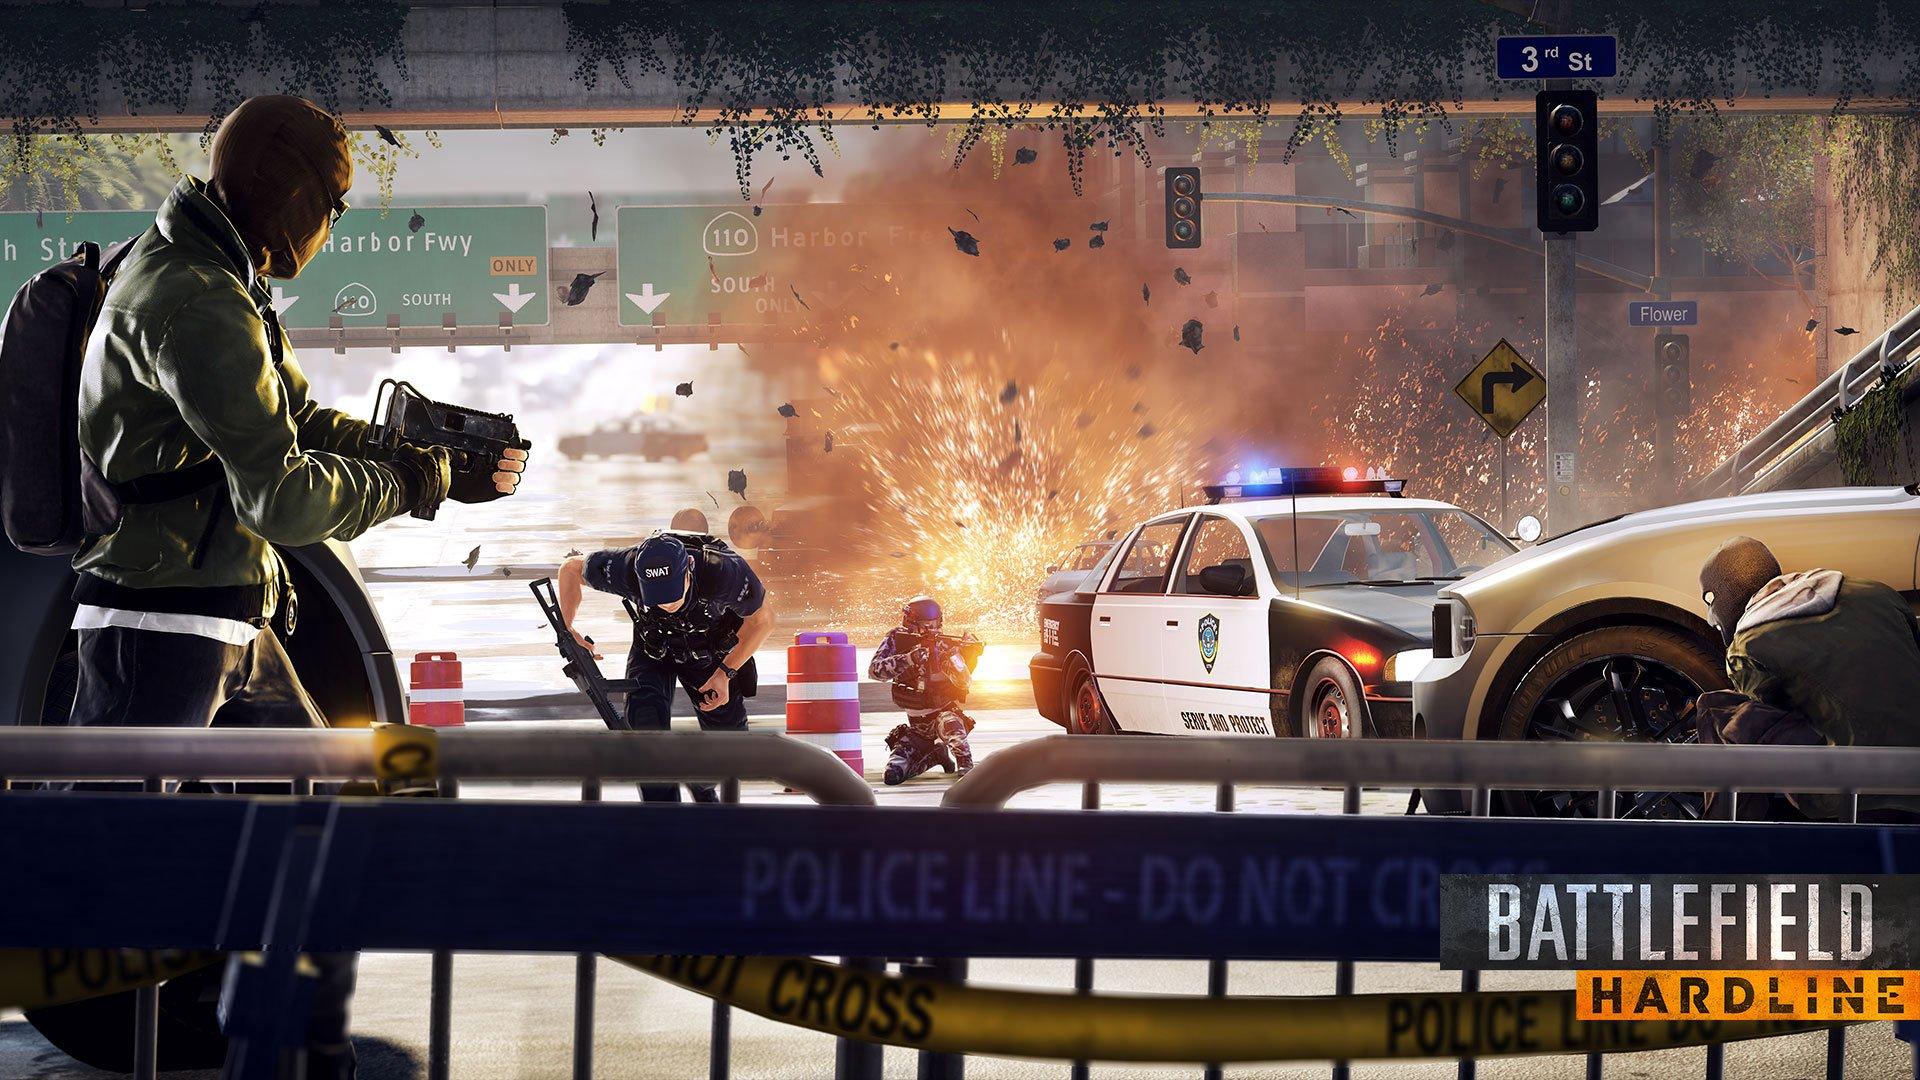 Battlefield-Hardline-PoliceBarricade